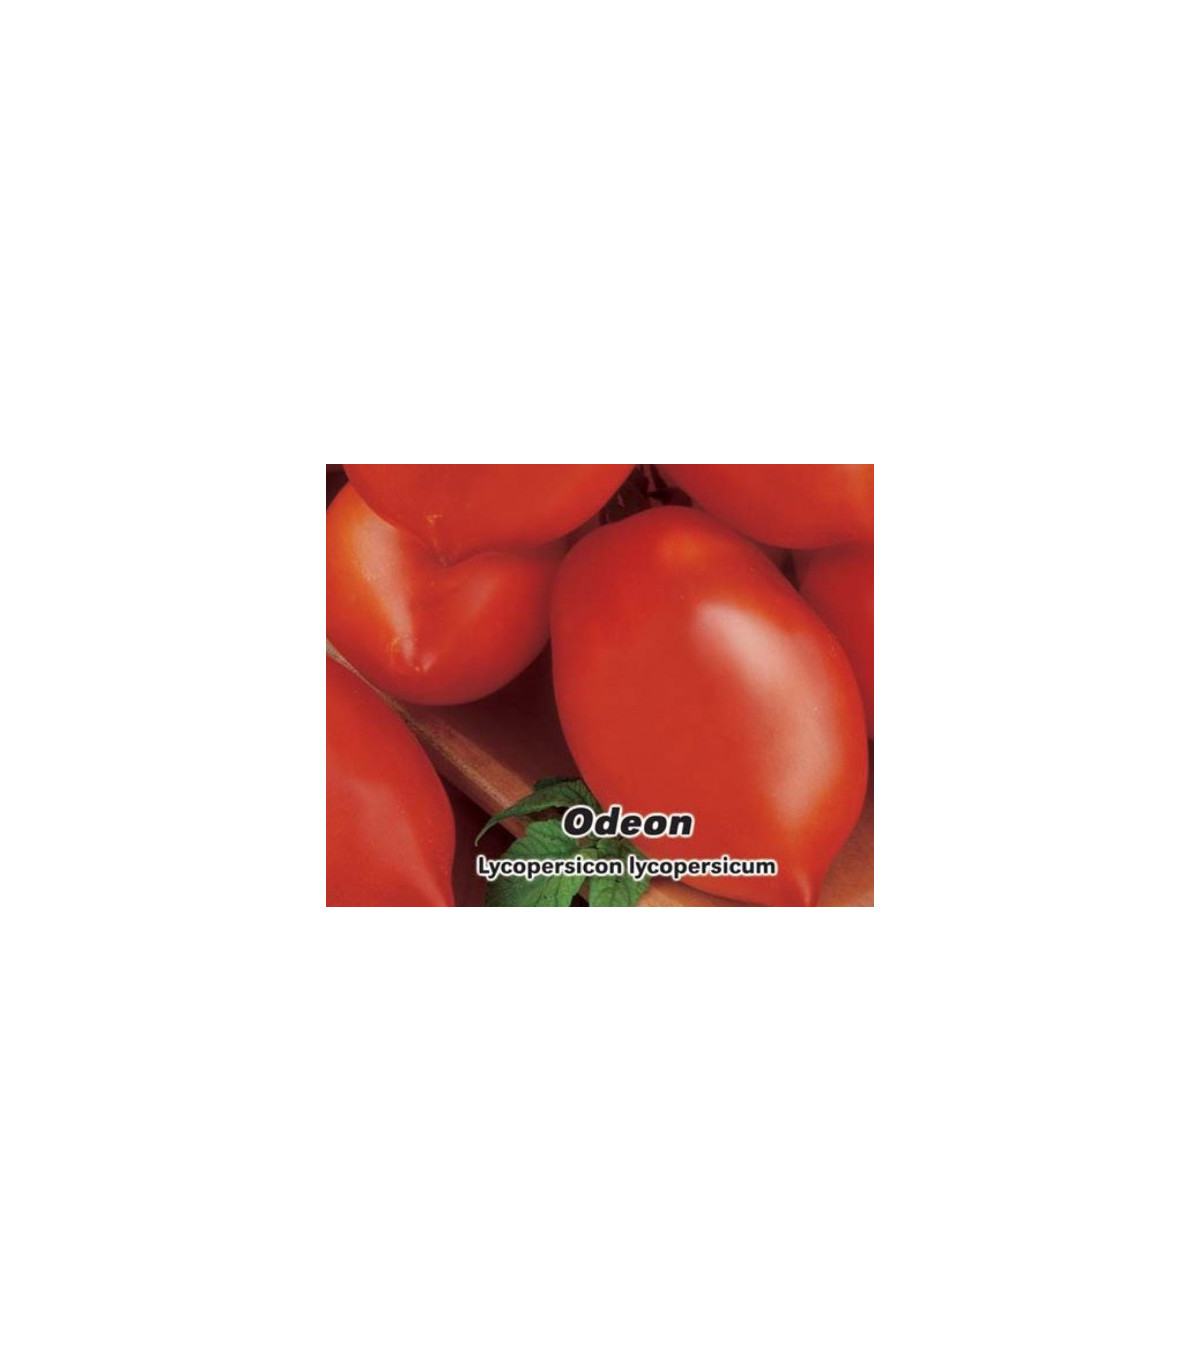 Rajče Odeon keříčkové - Lycopersicon Lycopersicum - prodej semen rajčat - 0,1 g